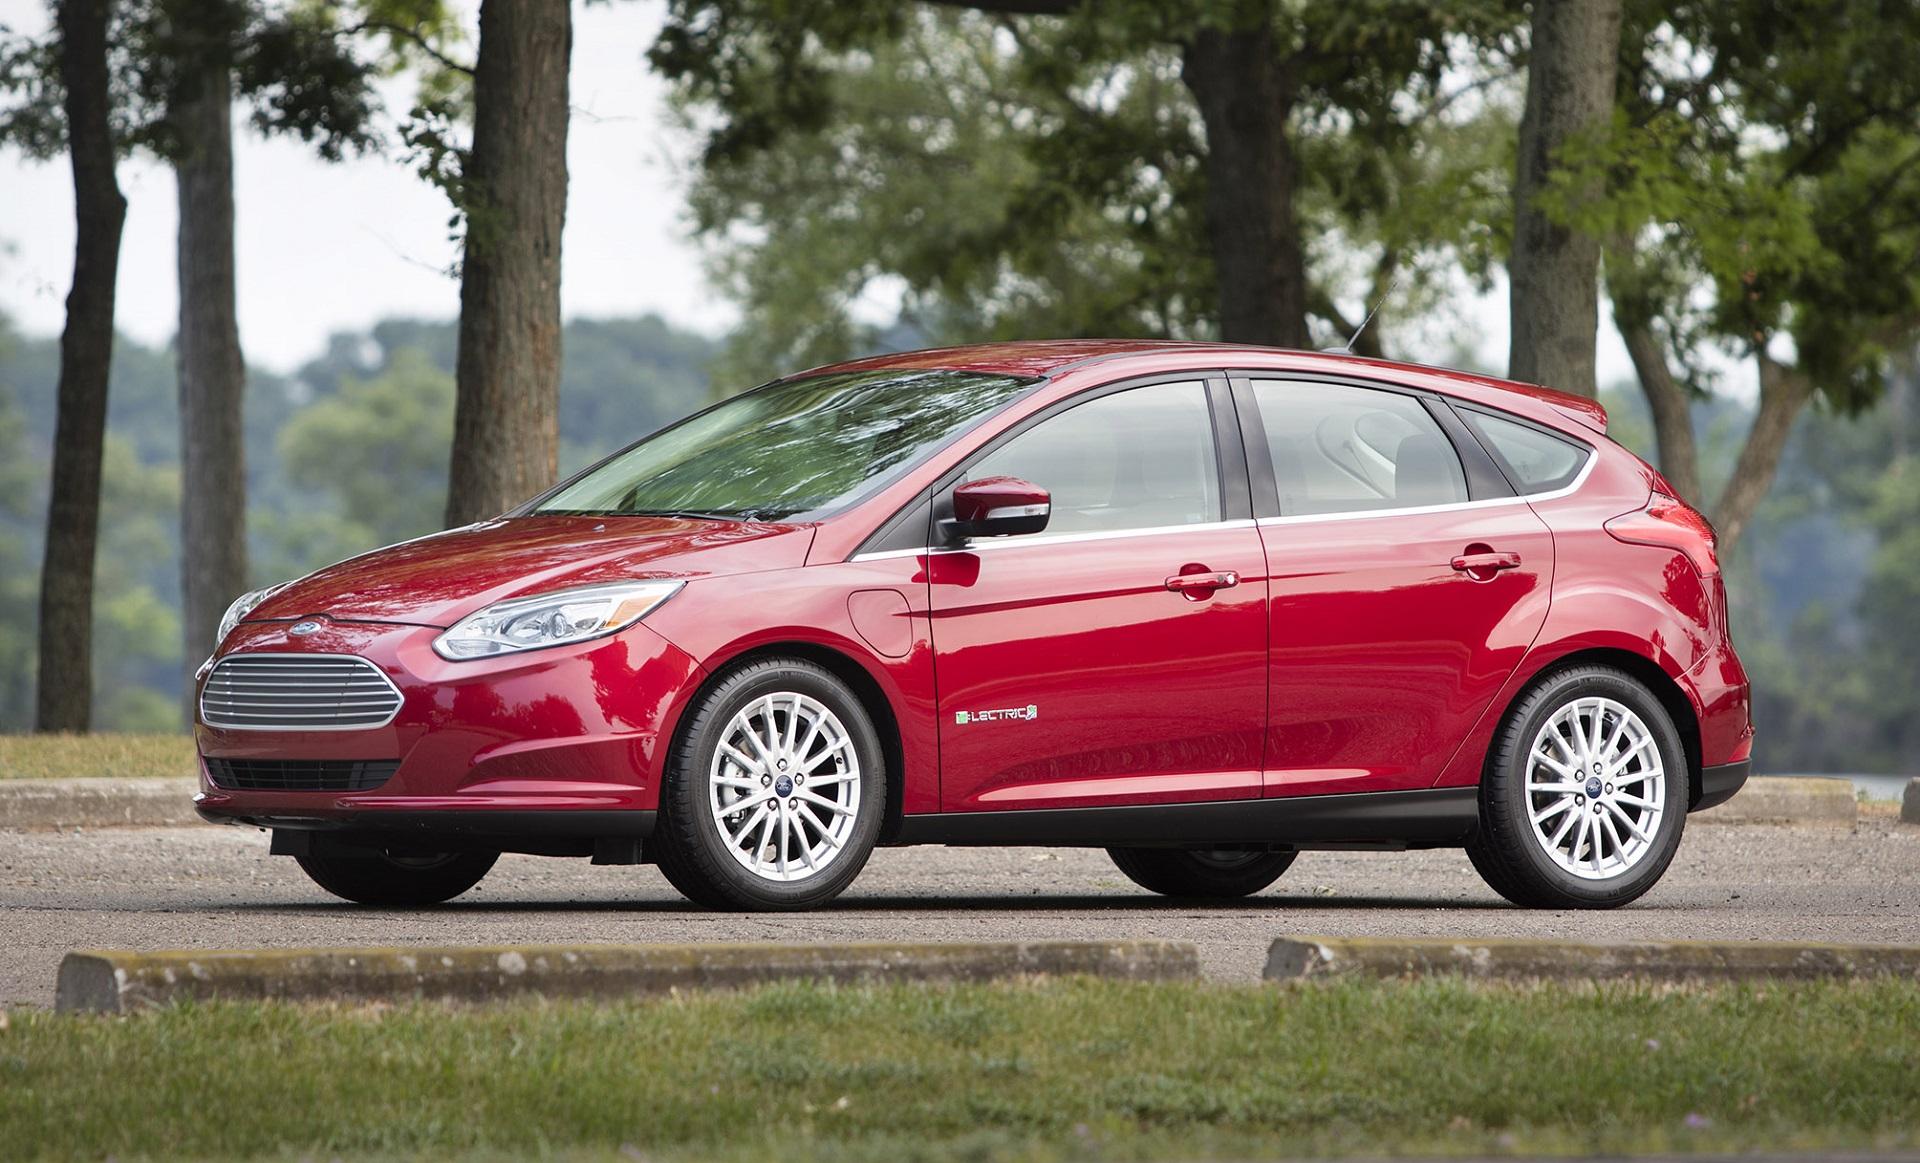 Ford Focus Electric 2017 được tăng sức bền